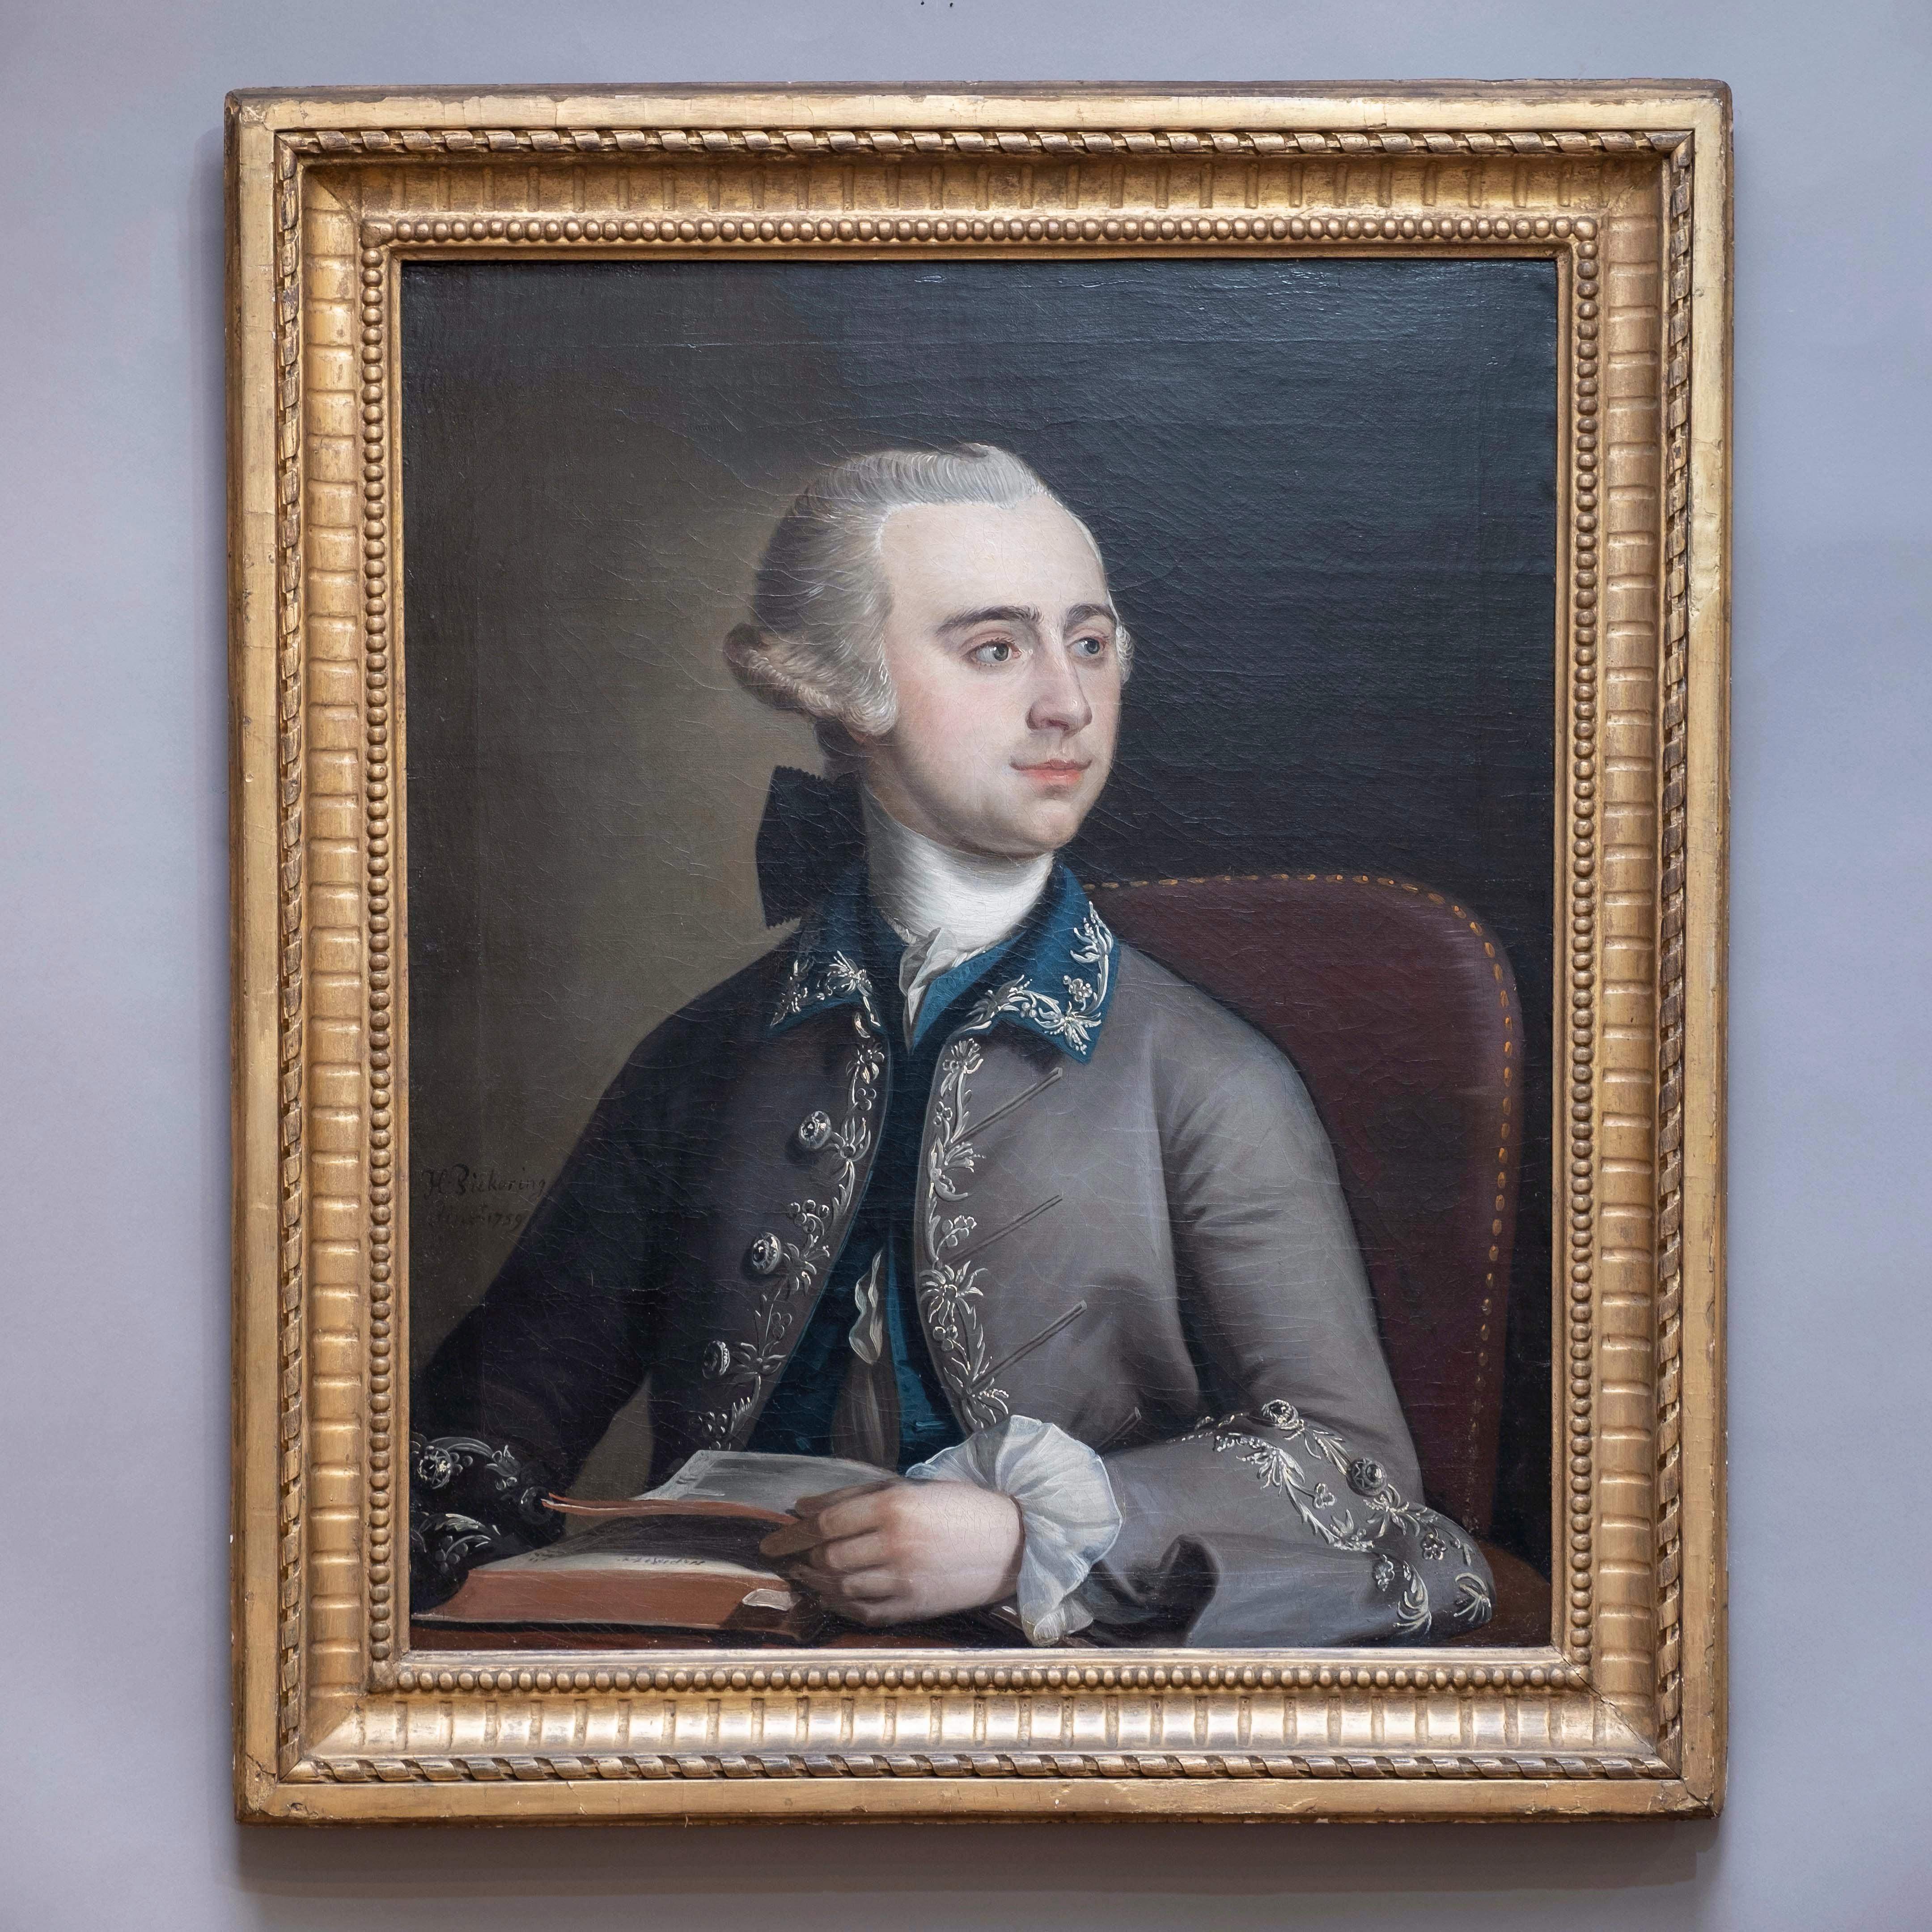 Henry Pickering, Portrait of a Gentleman